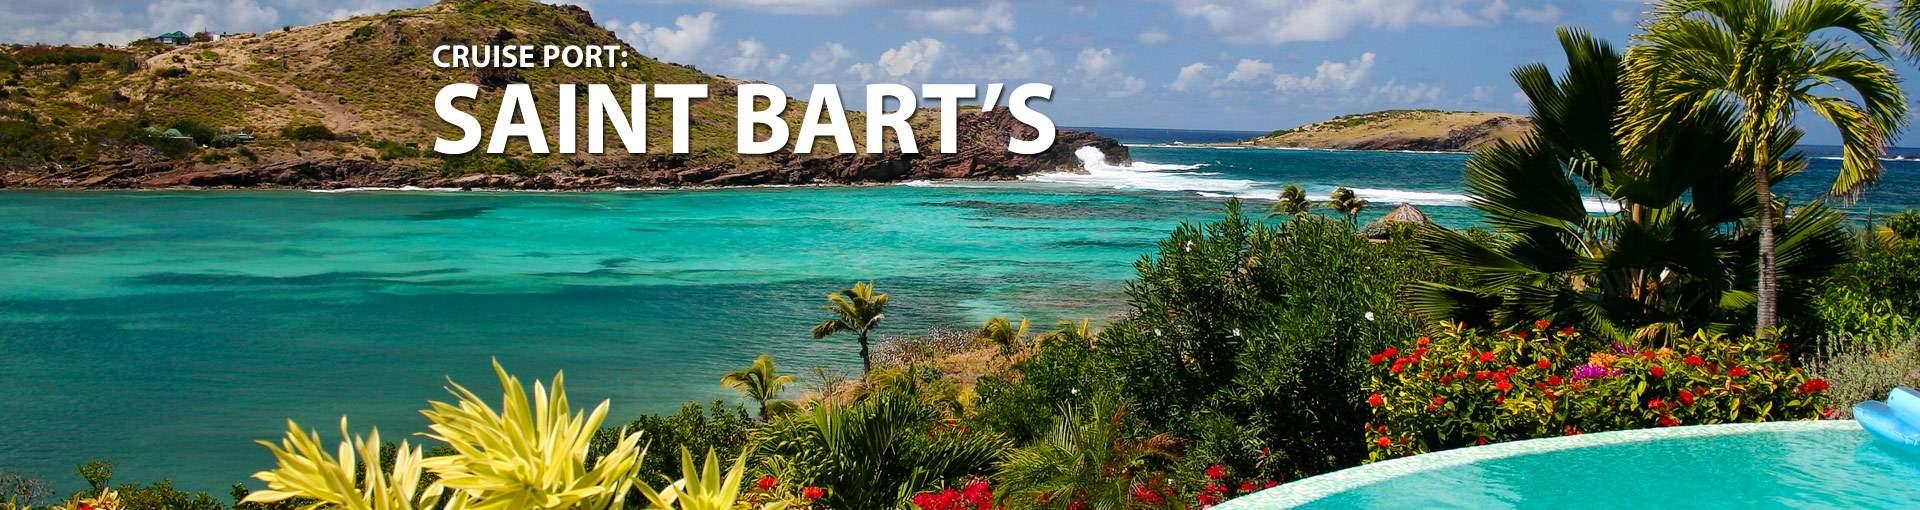 Cruises to St. Barts (St. Barthelemy)